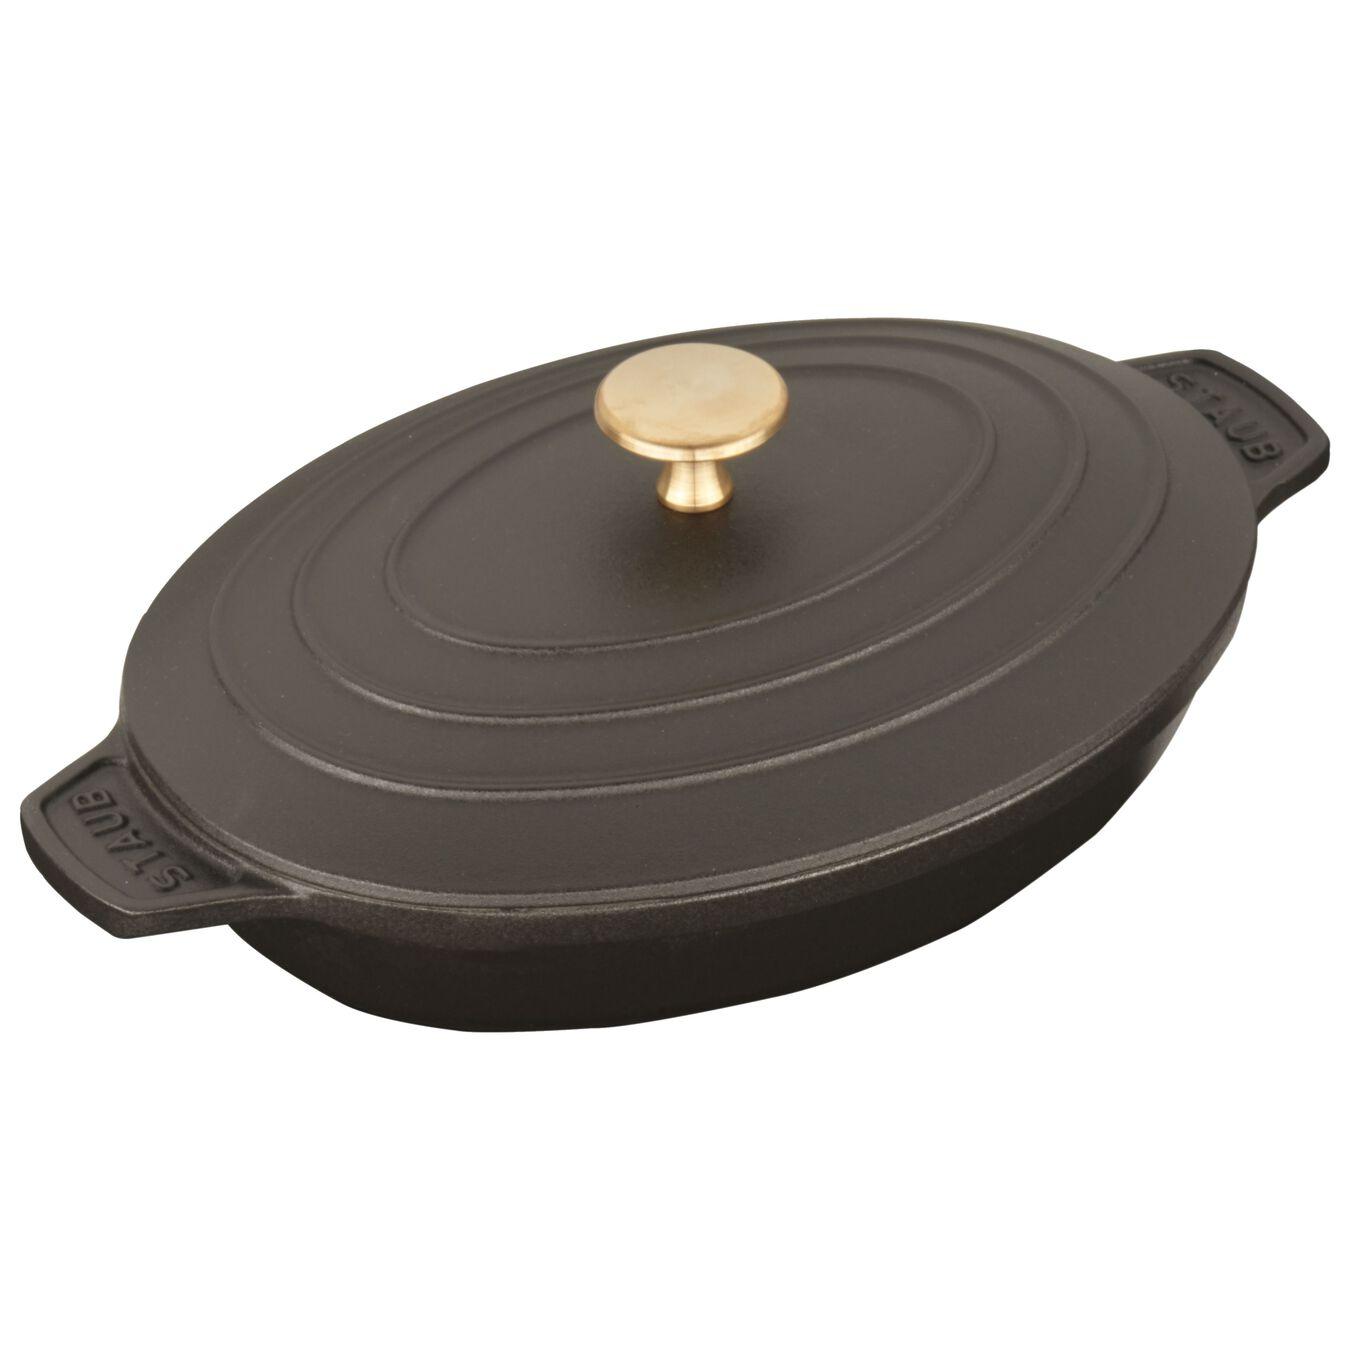 Ovenschotel met deksel 23 cm, Ovaal, Zwart,,large 3